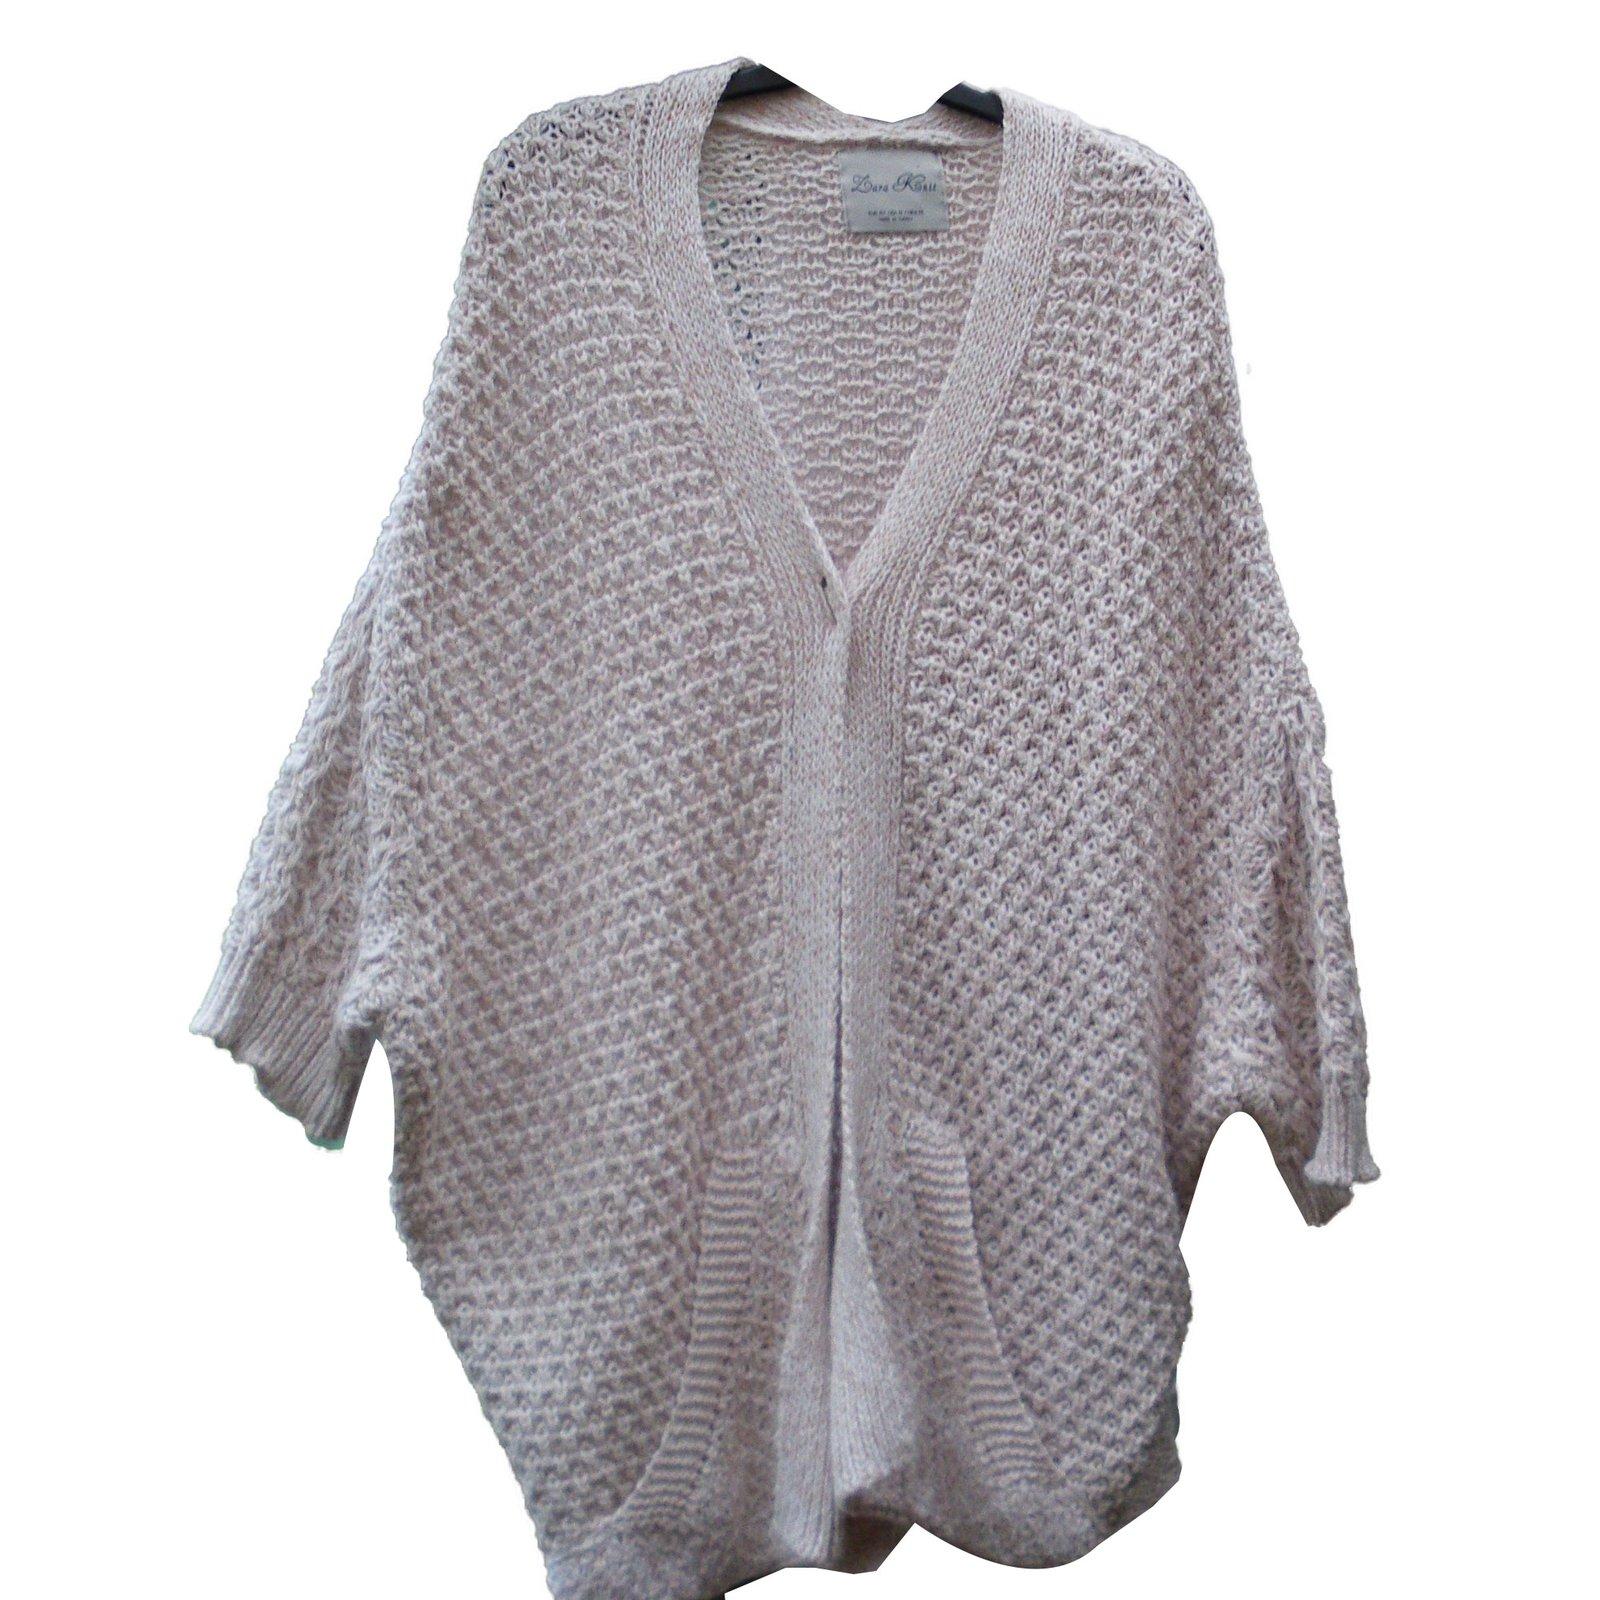 c2b16ca8 Zara Knitwear Knitwear Cotton Beige ref.66031 - Joli Closet